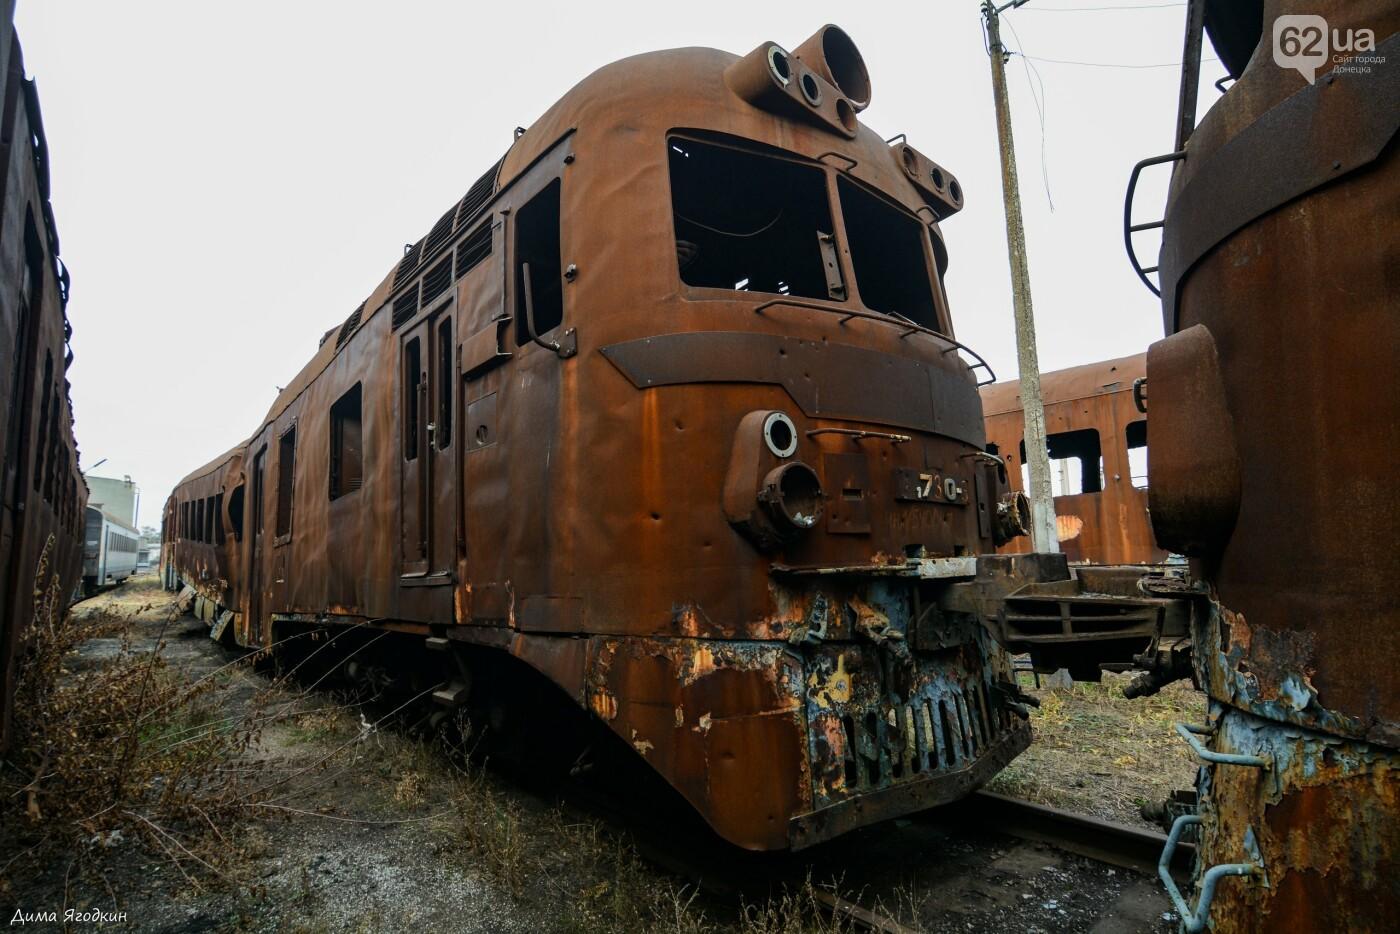 Кладбище поездов в «ДНР», - ФОТО, фото-5